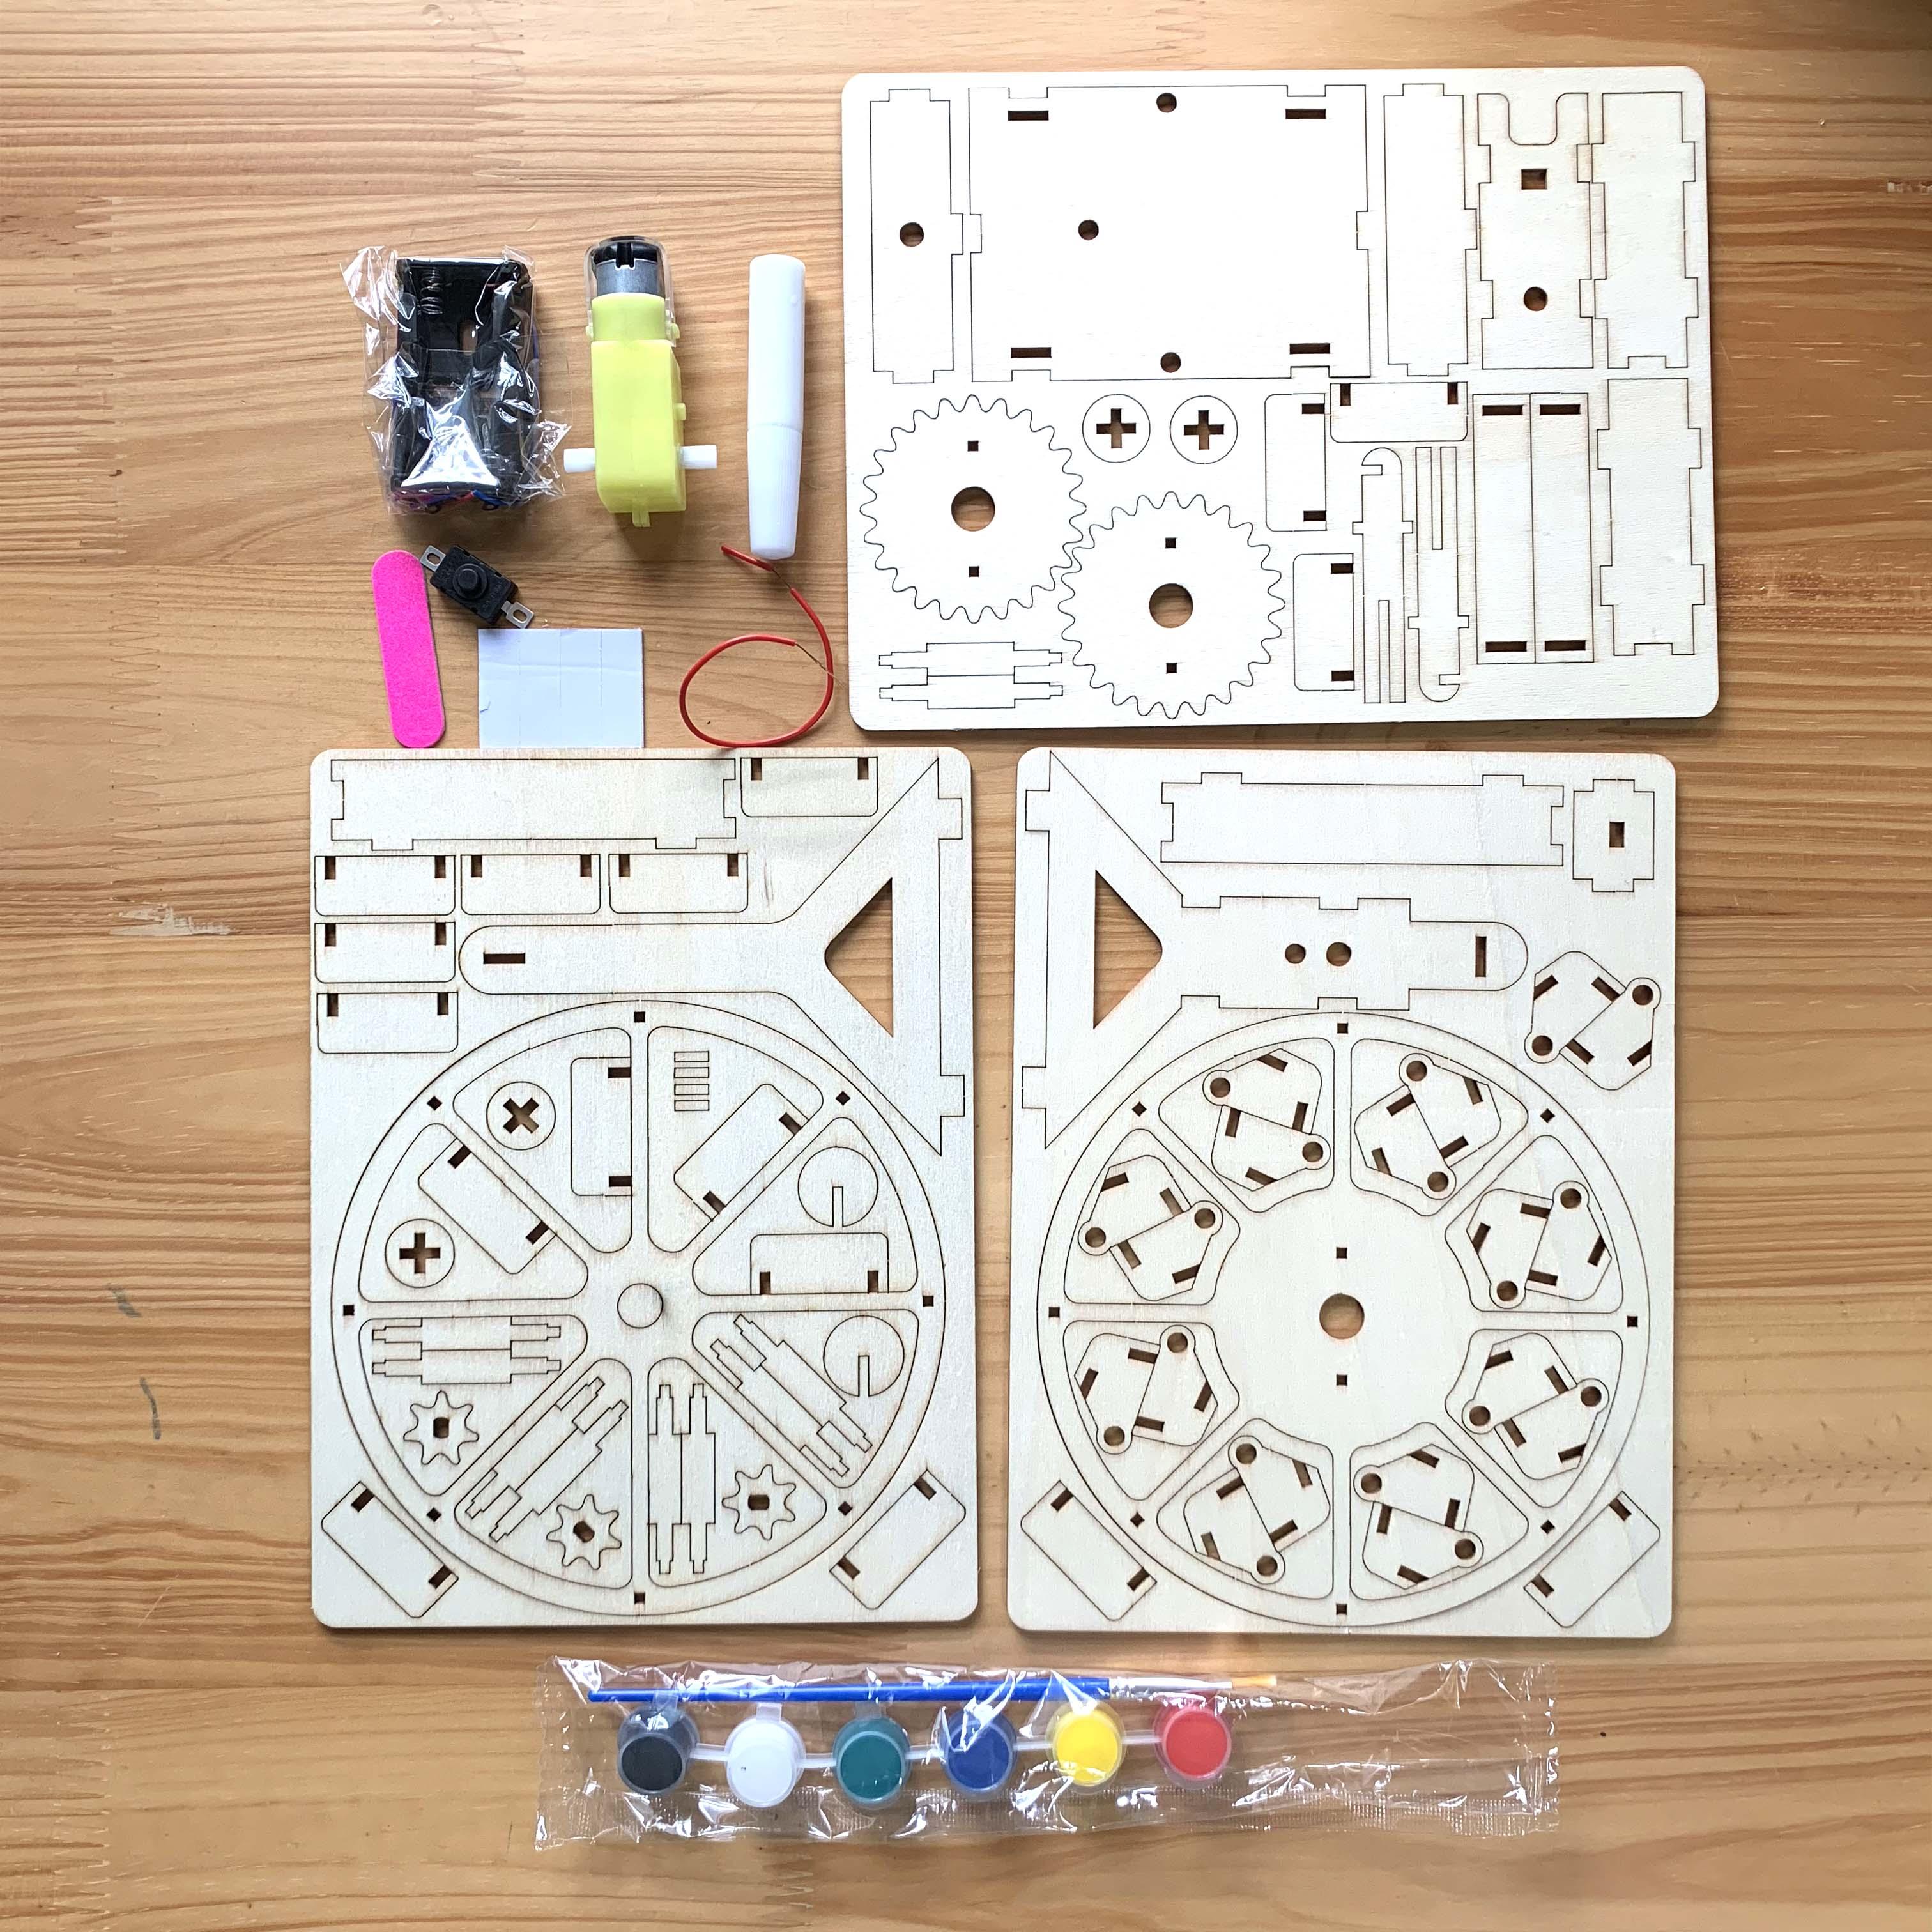 Bộ đồ chơi khoa học tự làm vòng đu quay mặt trời bằng gỗ – DIY Wood Steam